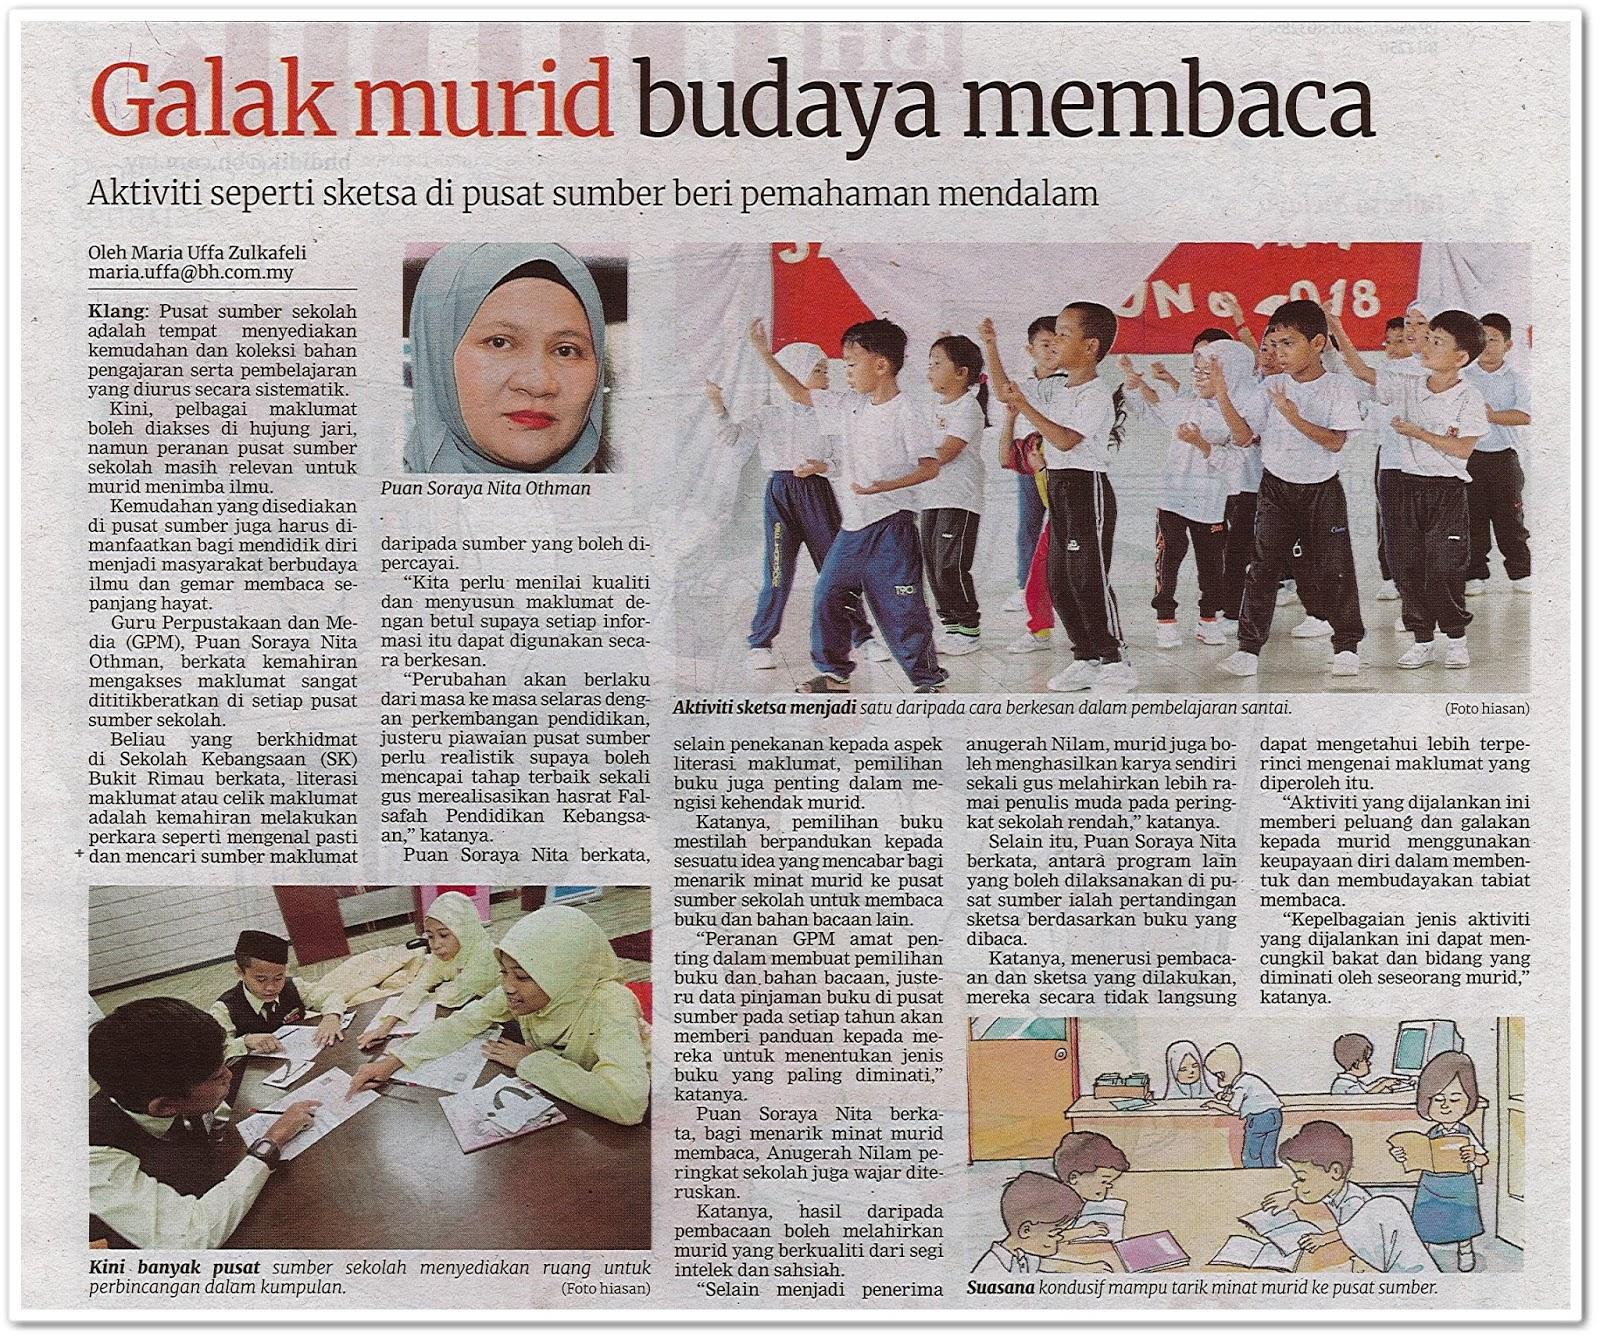 Galak murid budaya membaca - Keratan akhbar Berita Harian 7 Oktober 2019